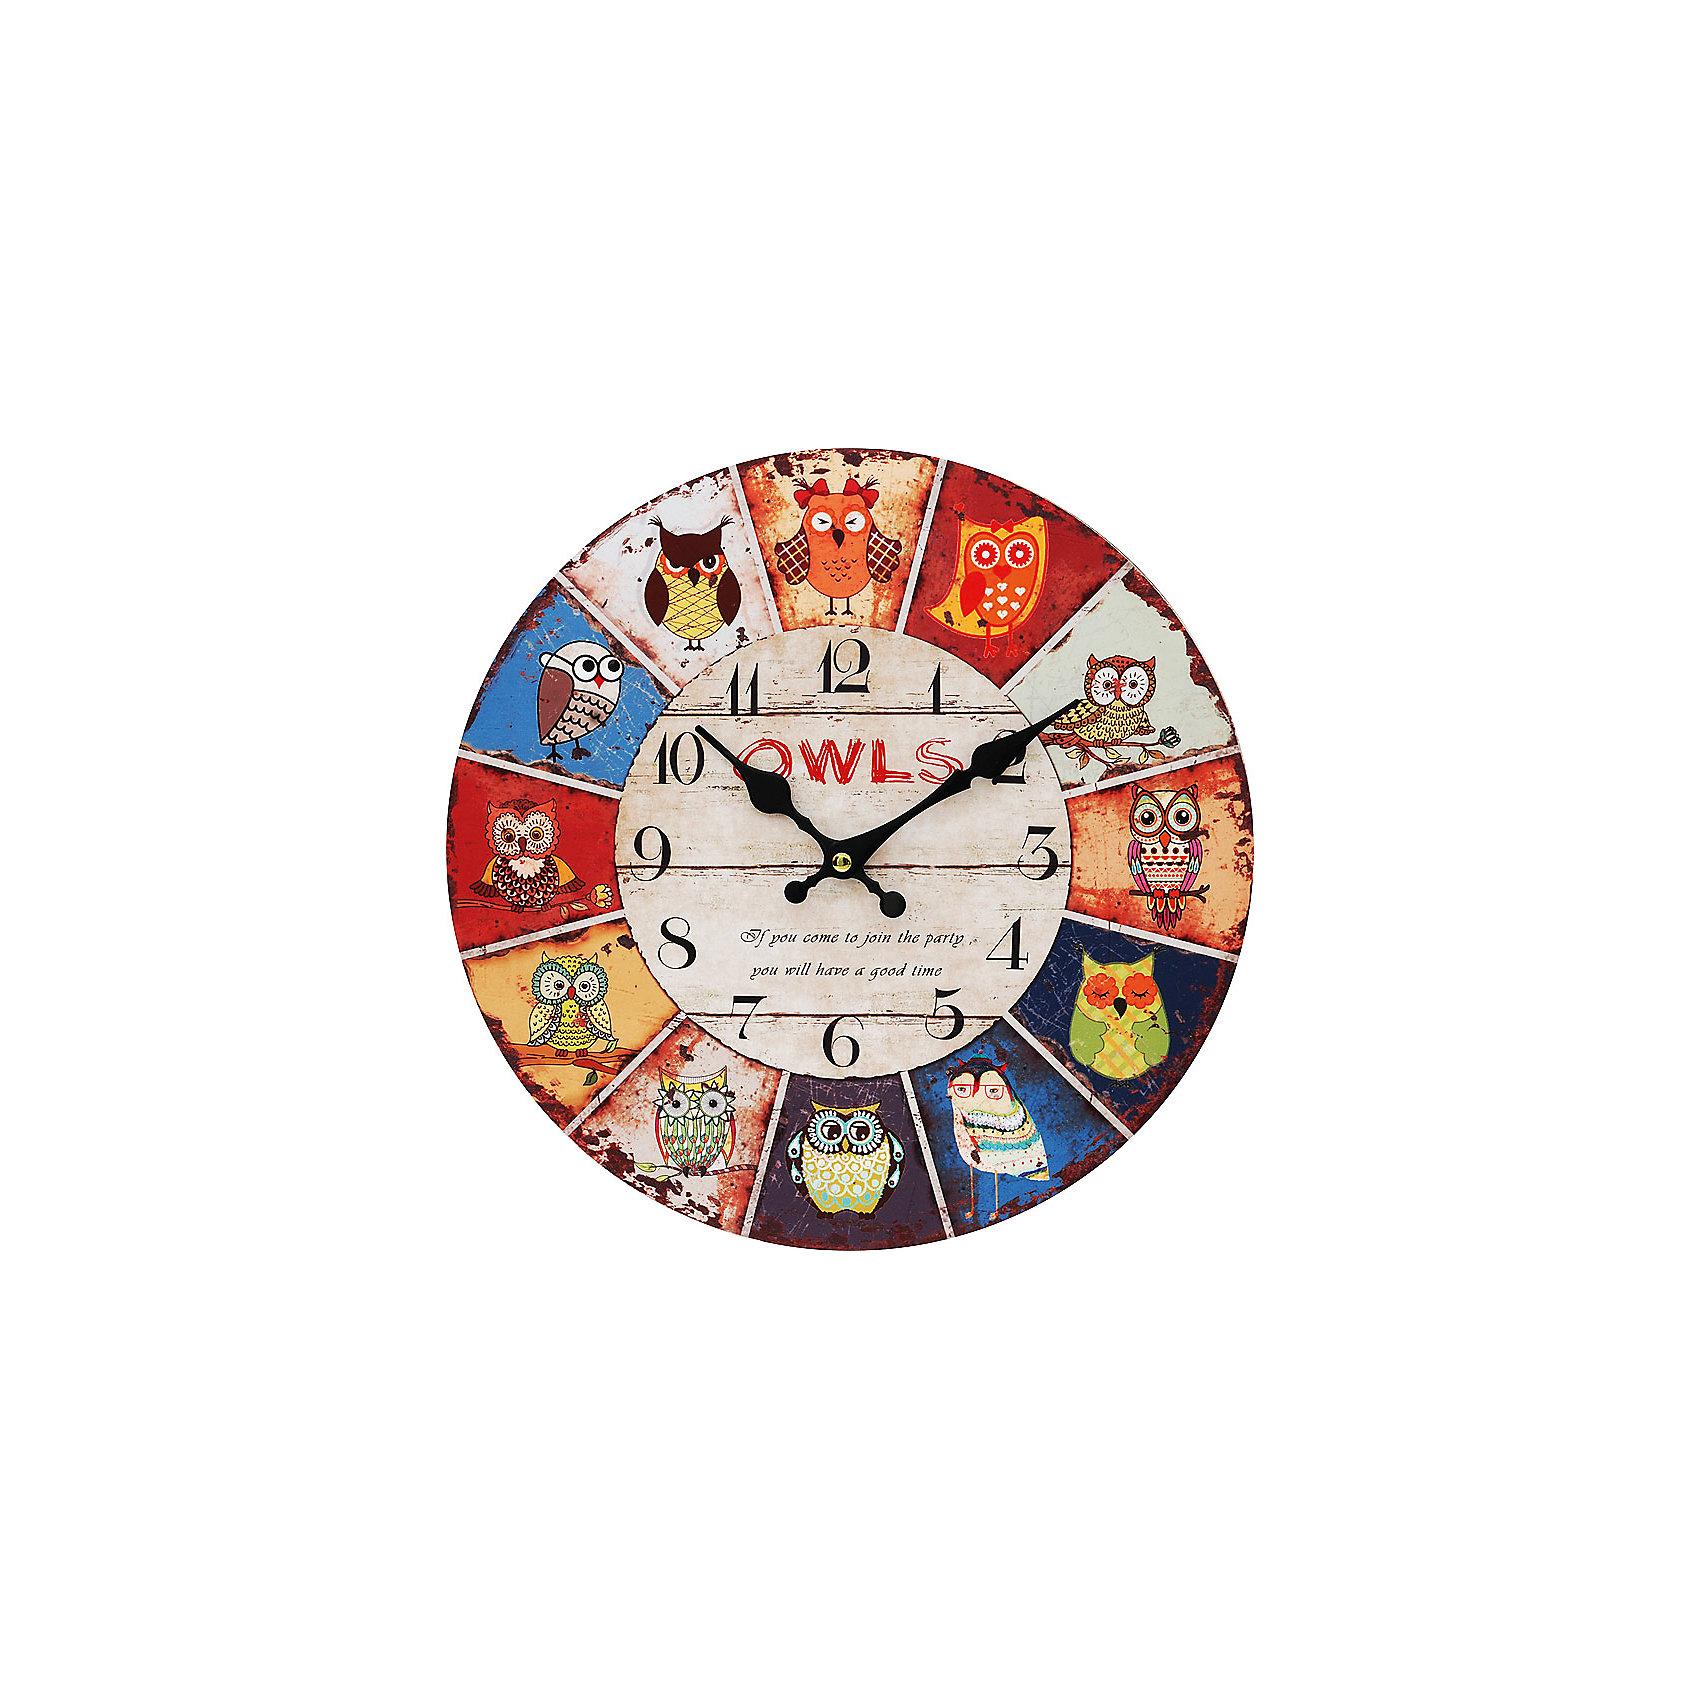 Часы настенные День совы, диаметр 34 смПредметы интерьера<br>Часы настенные День совы, диаметр 34 см.<br><br>Характеристики:<br><br>- Диаметр: 34 см.<br>- Две стрелки часовая и минутная<br>- Батарейка: 1 типа АА (в комплект не входит)<br>- Упаковка картонная коробка<br><br>Кварцевые настенные часы с механизмом плавного хода помимо своего прямого назначения – показывать точное время – станут важным элементом декора Вашего дома, квартиры или офиса. Открытый циферблат часов выполнен из листа оргалита с декоративным покрытием, оформлен изображением сов. Часовая и минутная стрелки металлические. Часовой механизм закрыт пластиковым корпусом. Часы будут ярким акцентом в интерьере и создадут дополнительный уют и хорошее настроение.<br><br>Часы настенные День совы, диаметр 34 см можно купить в нашем интернет-магазине.<br><br>Ширина мм: 345<br>Глубина мм: 340<br>Высота мм: 45<br>Вес г: 2500<br>Возраст от месяцев: 72<br>Возраст до месяцев: 144<br>Пол: Унисекс<br>Возраст: Детский<br>SKU: 5089823